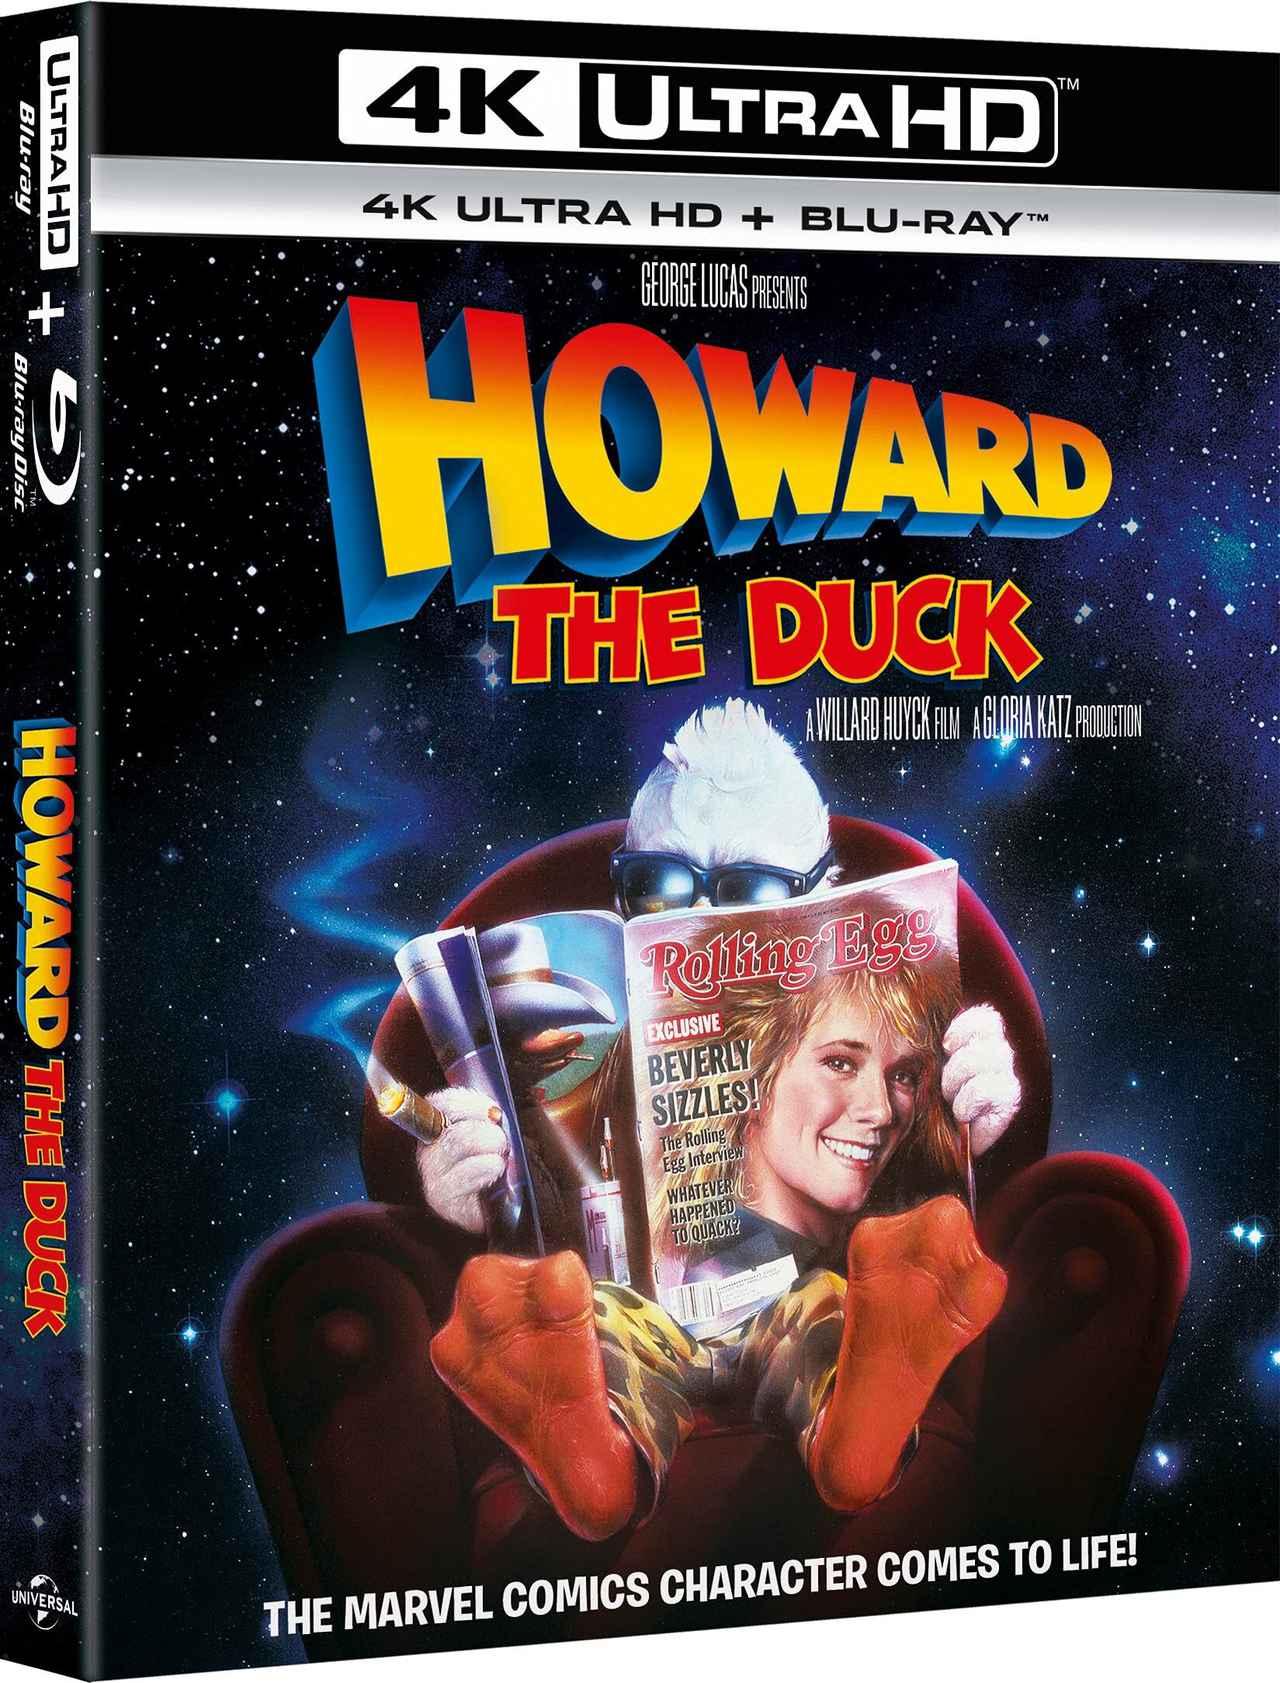 画像1: 【Update】G・ルーカス製作SF活劇が4K化『ハワード・ザ・ダック/暗黒魔王の陰謀』【海外盤Blu-ray発売情報】